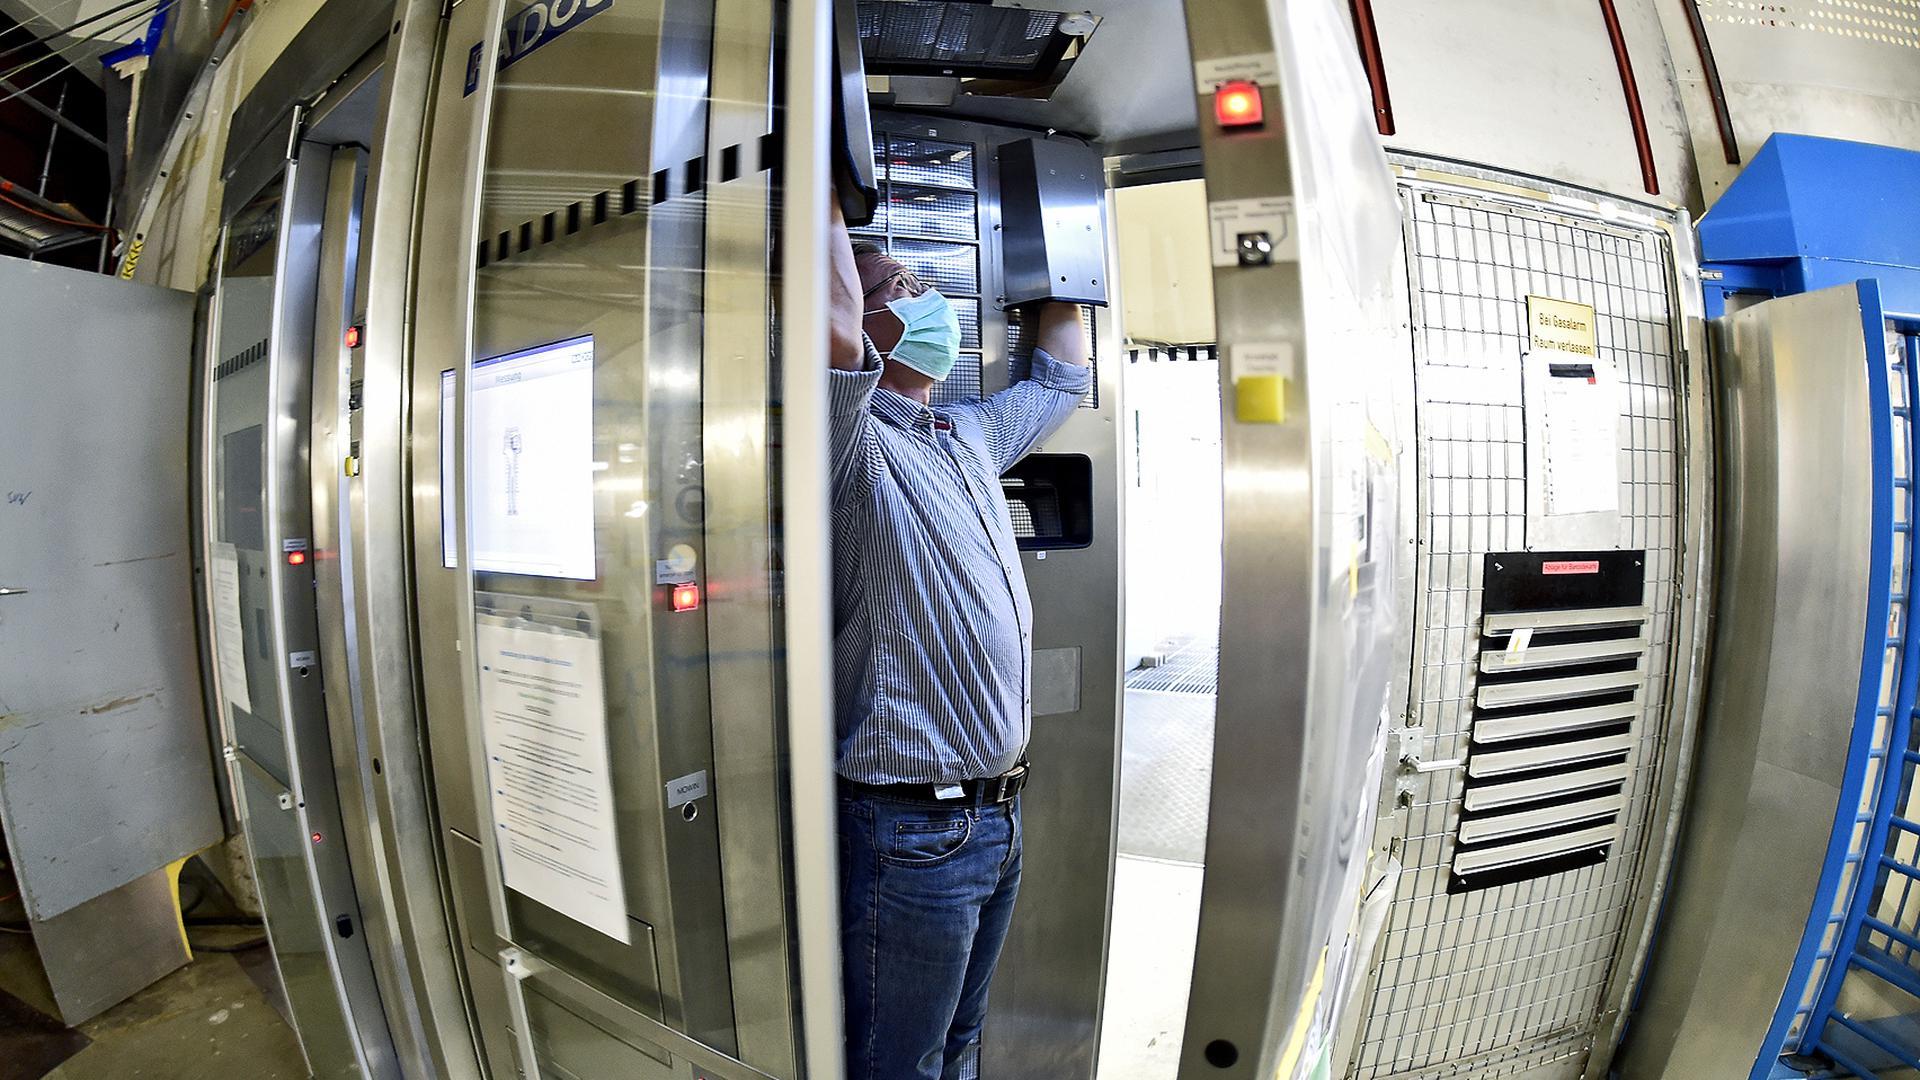 Jeder Besucher und jeder Mitarbeiter der KTE, der mit dem Rückbau der früheren nuklearen Großanlagen beschäftigt ist, muss beim Verlassen des Sicherheitsbereichs in einer speziellen Schleuse auf Radioaktivität kontrolliert werden.